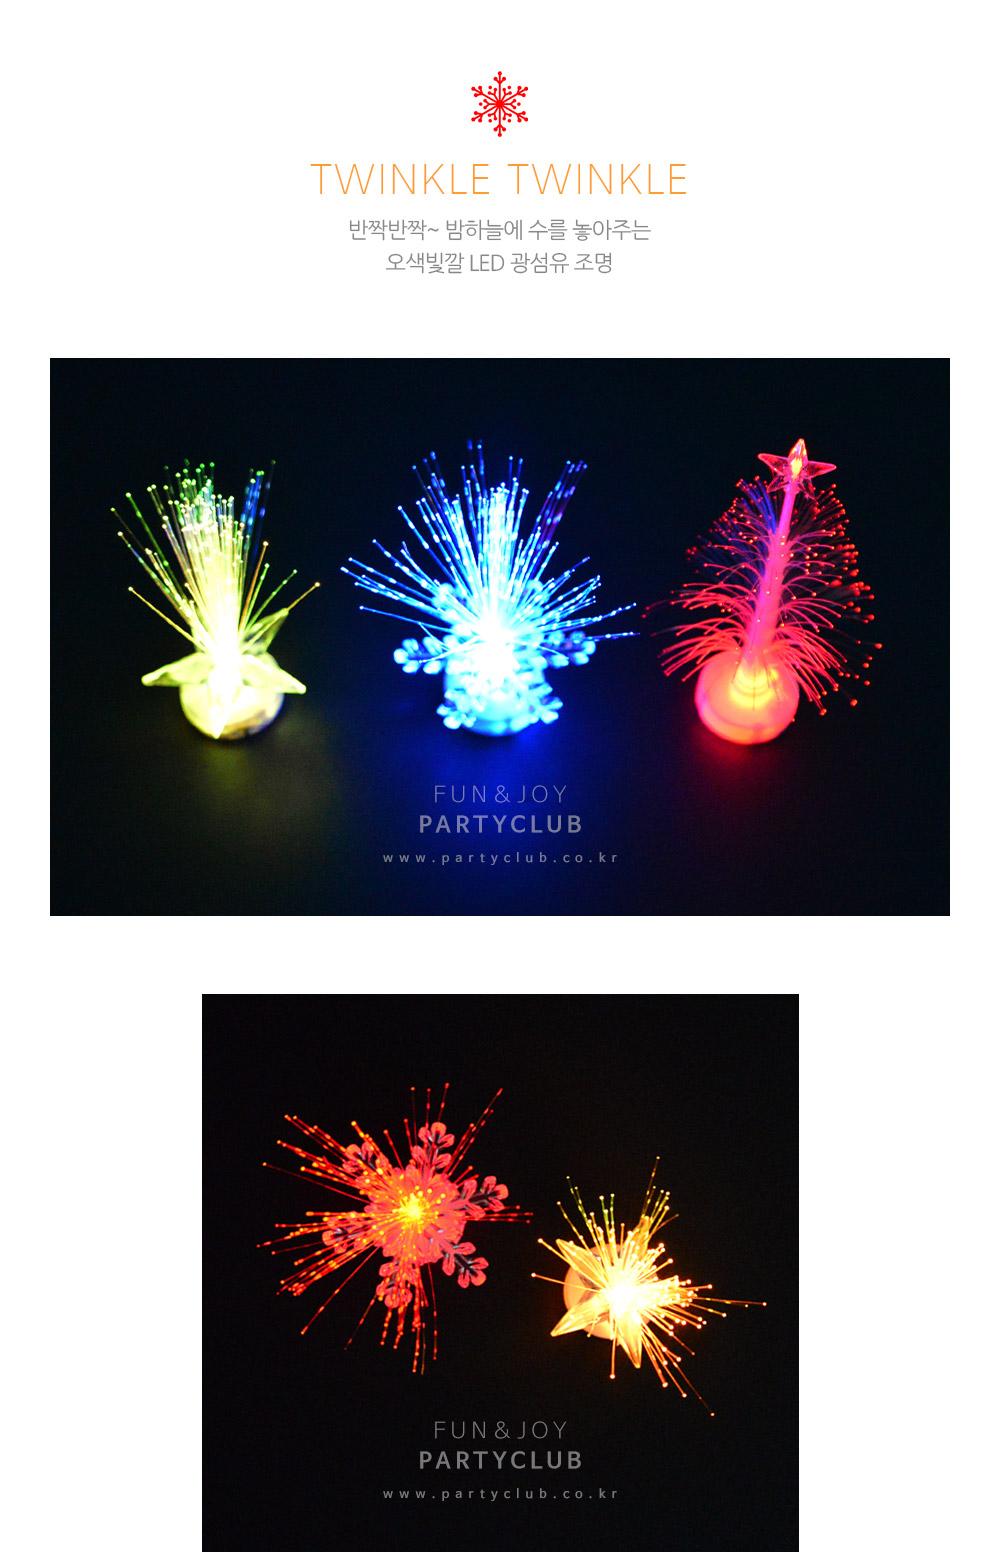 광섬유조명(별) - 파티클럽, 1,600원, 파티용품, 할로윈 파티